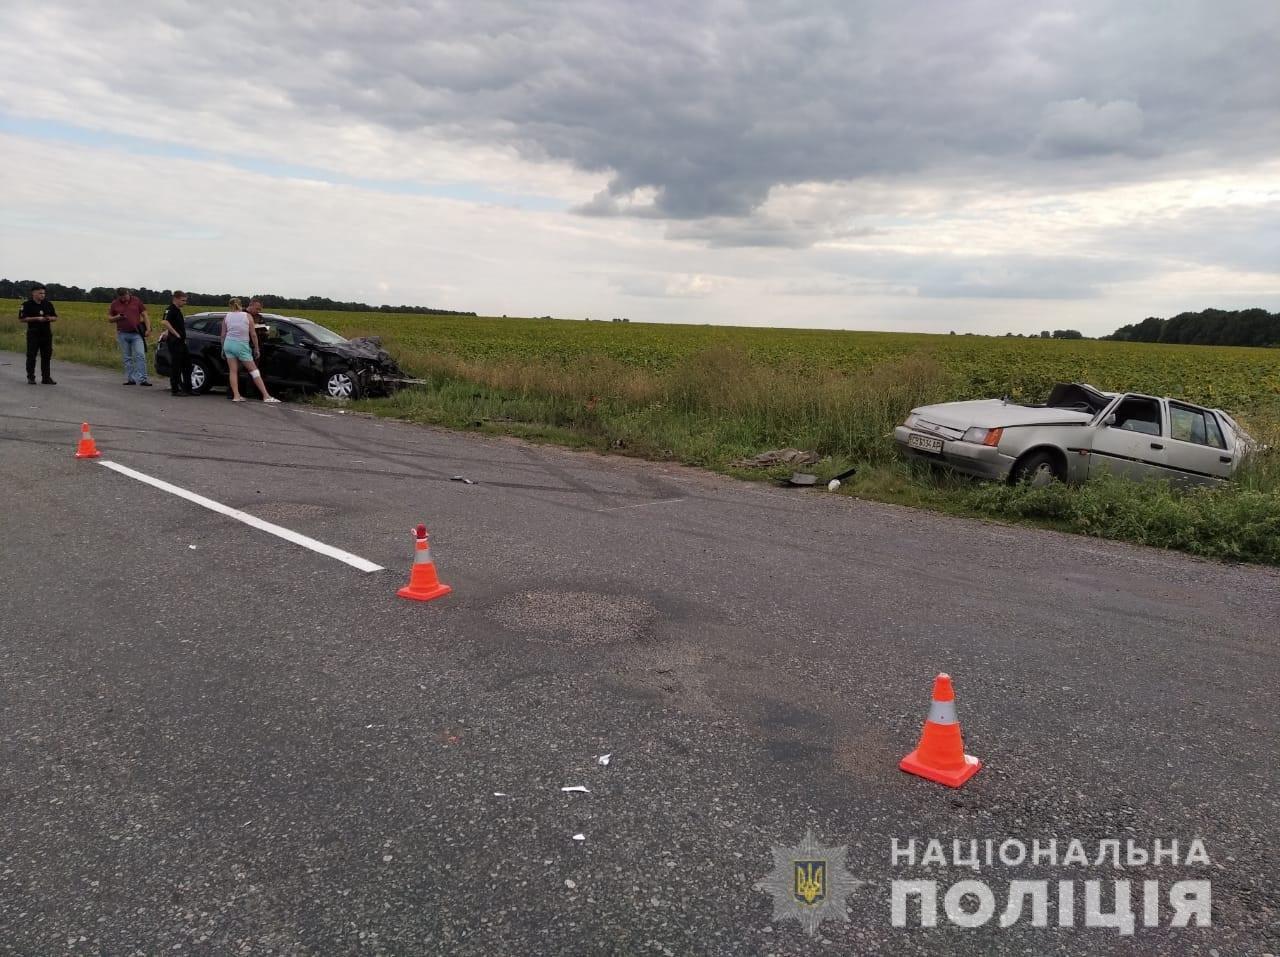 Чернігівка разом зі своєю донькою загинула у ДТП на Сумщині: батька госпіталізували, фото-1